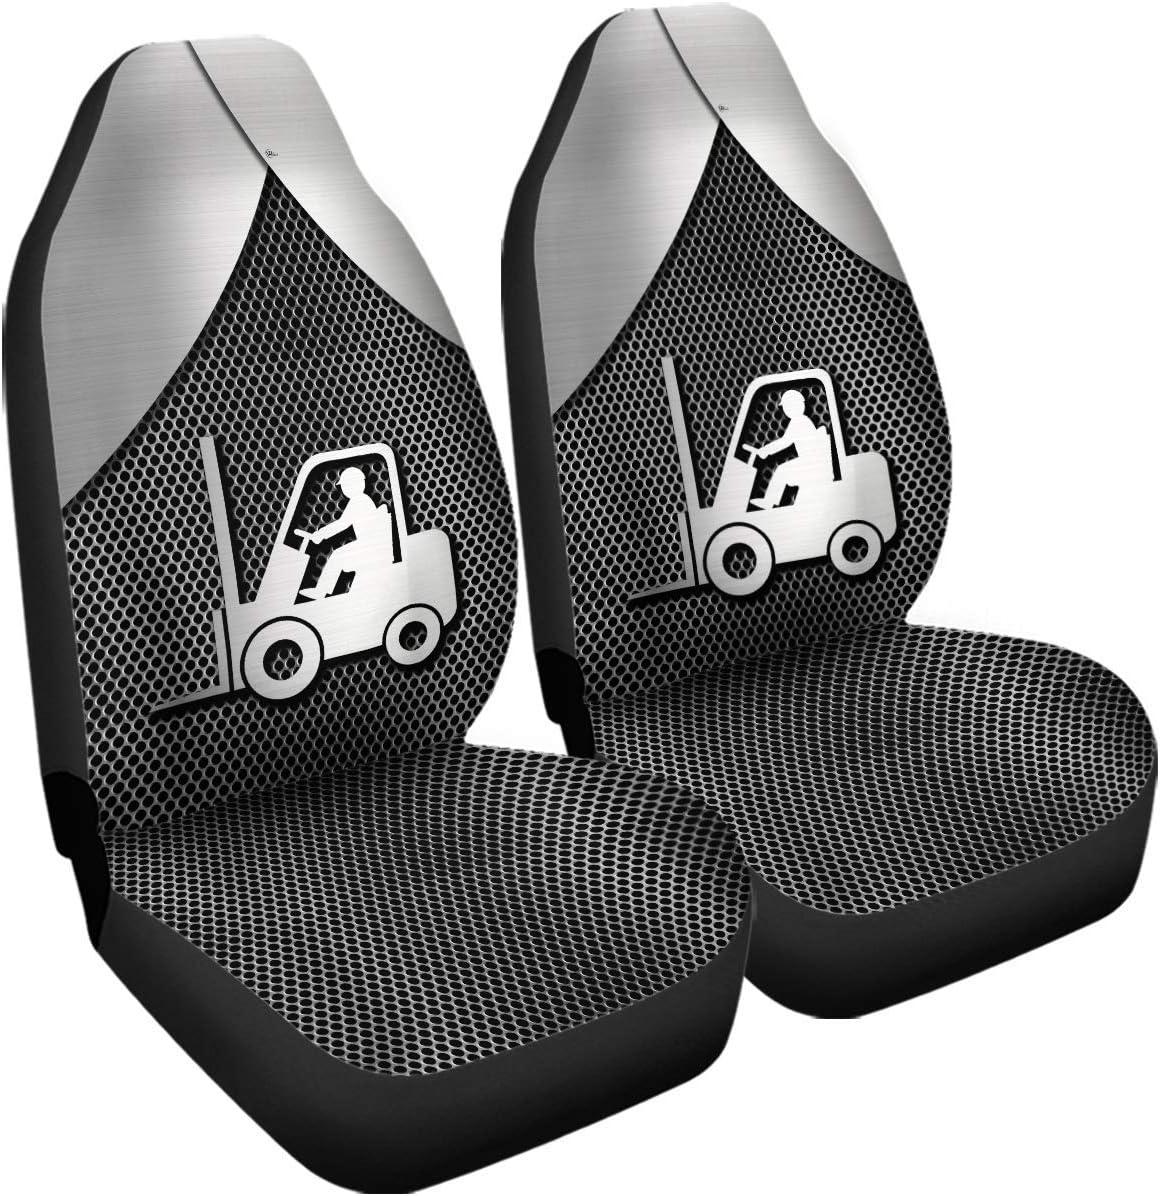 Fundas de asiento compatibles con airbag de metal plateado 3D para conductor de carretilla elevadora, tamaño de accesorios de coche, ajuste universal para la mayoría de los coches, SUV, camiones